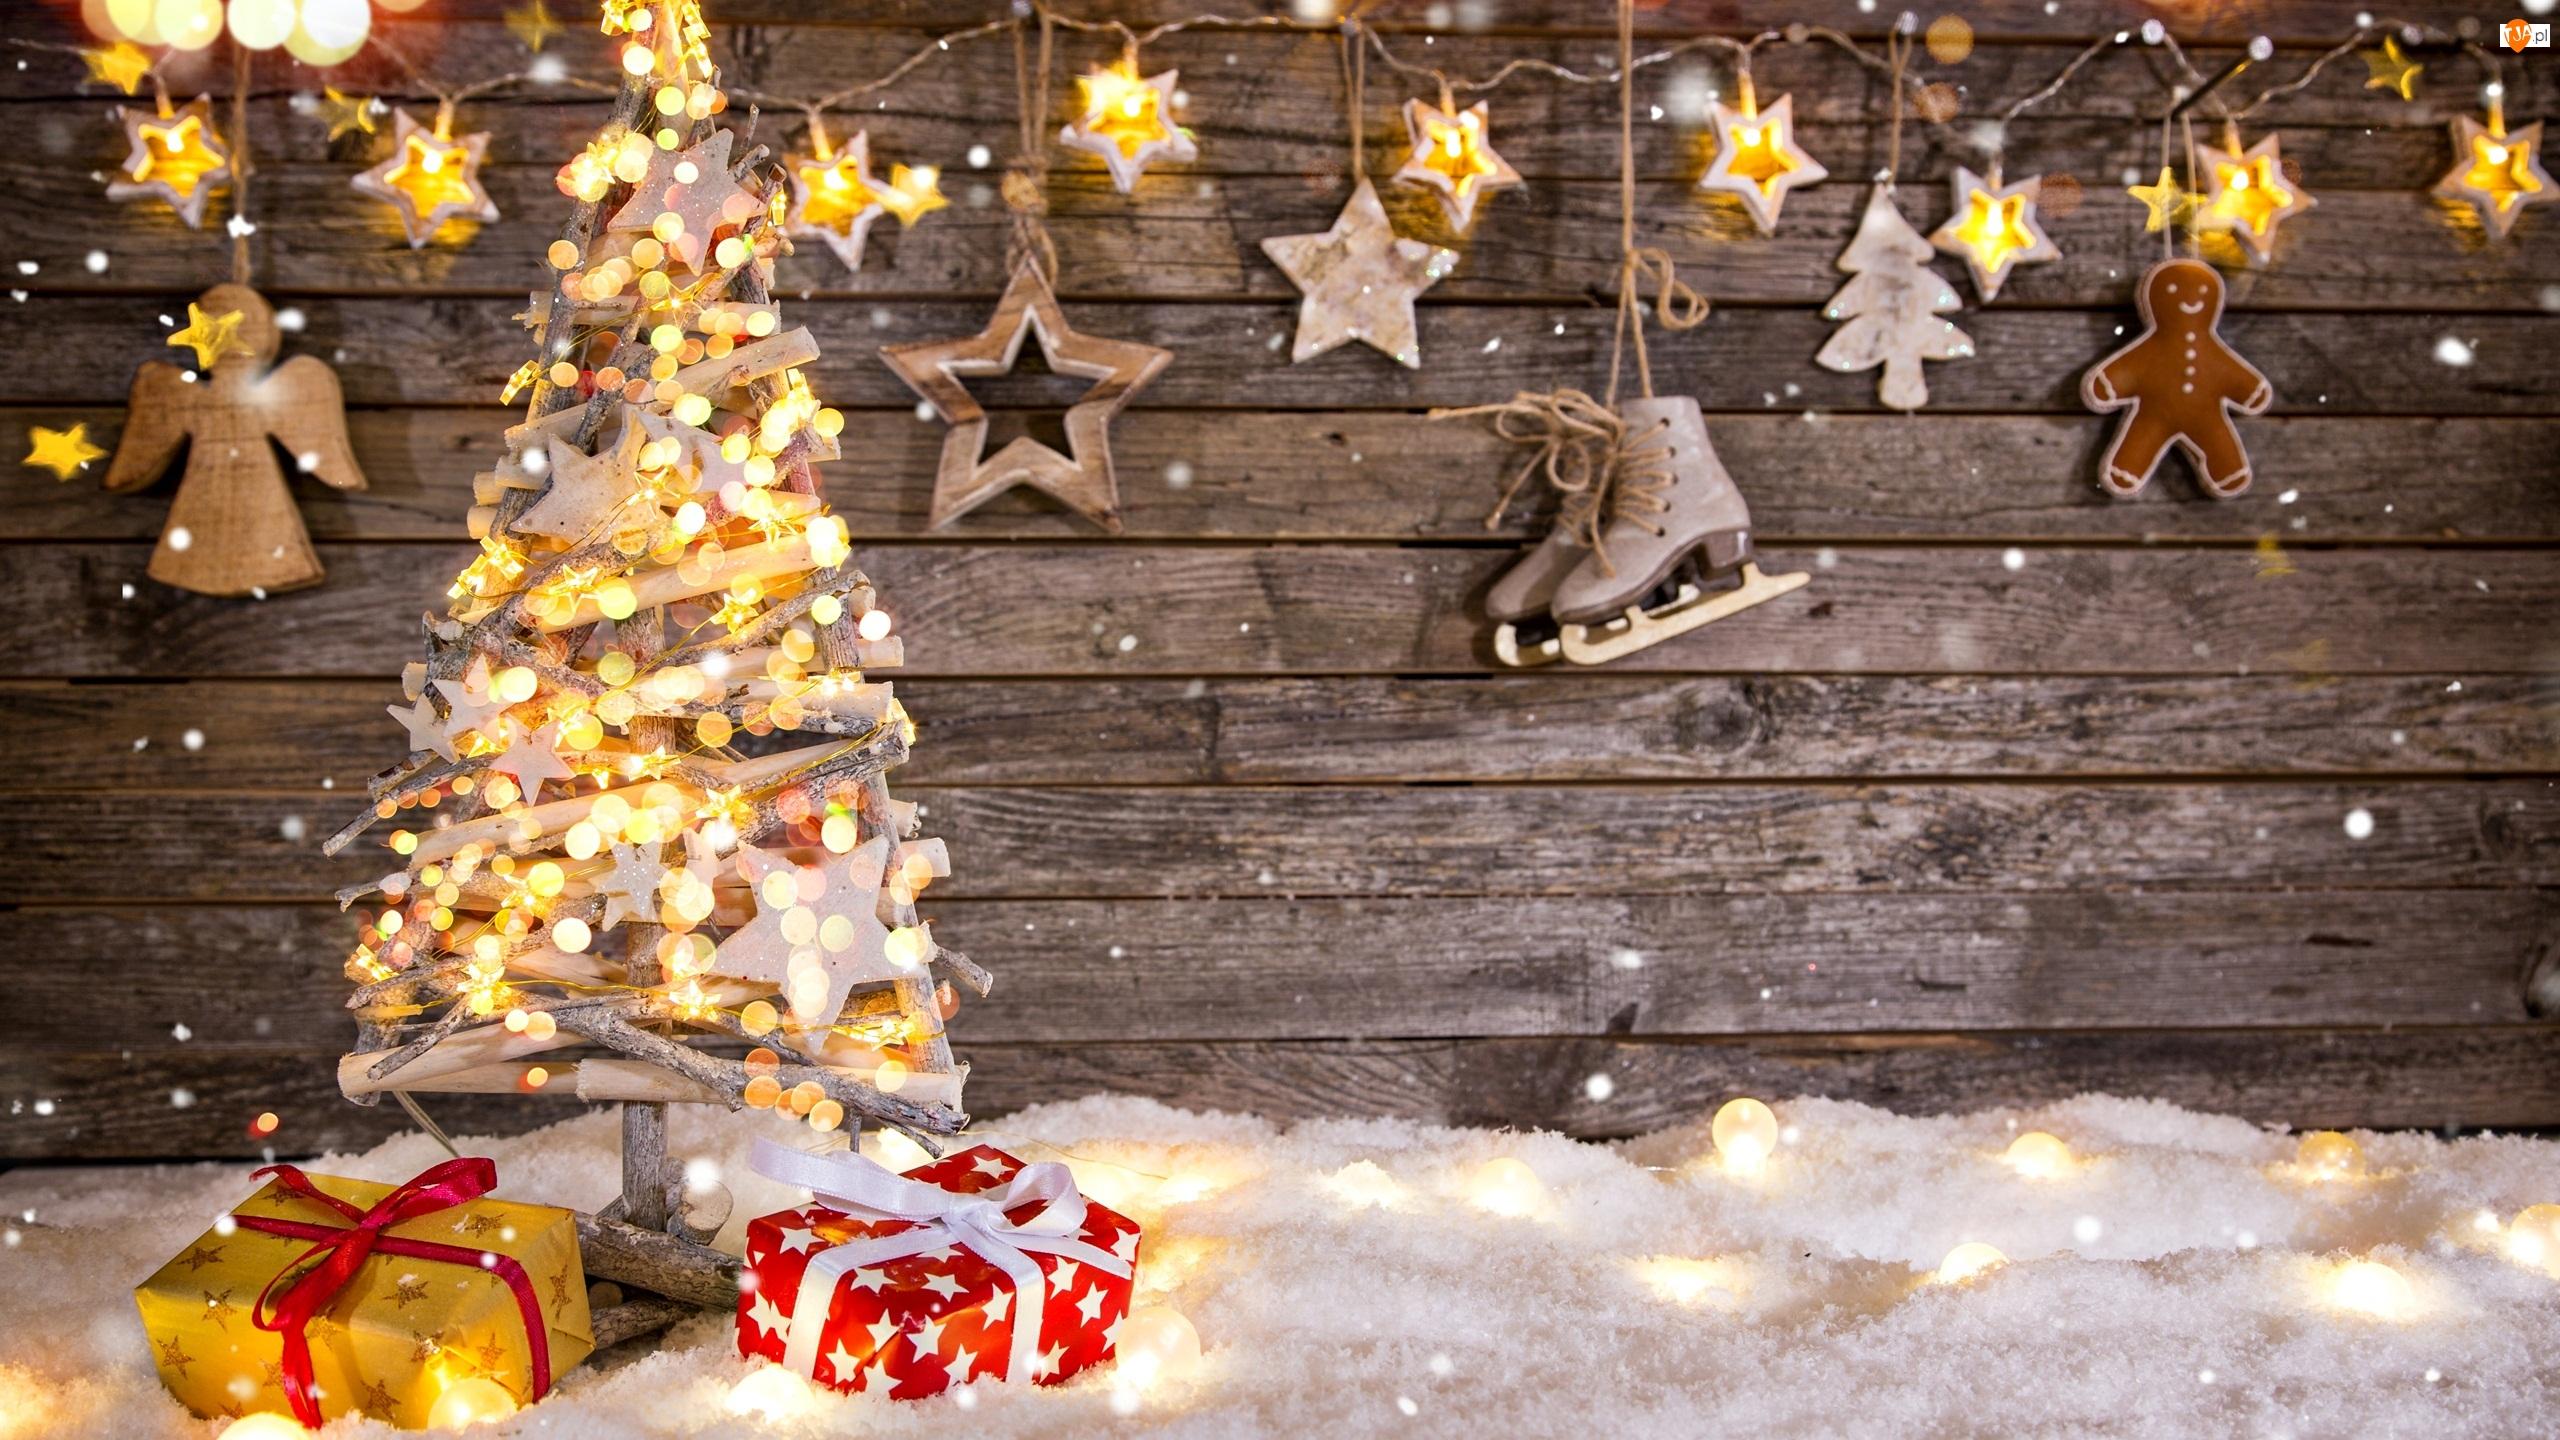 Choinka, Boże Narodzenie, Łyżwy, Śnieg, Prezenty, Gwiazdki